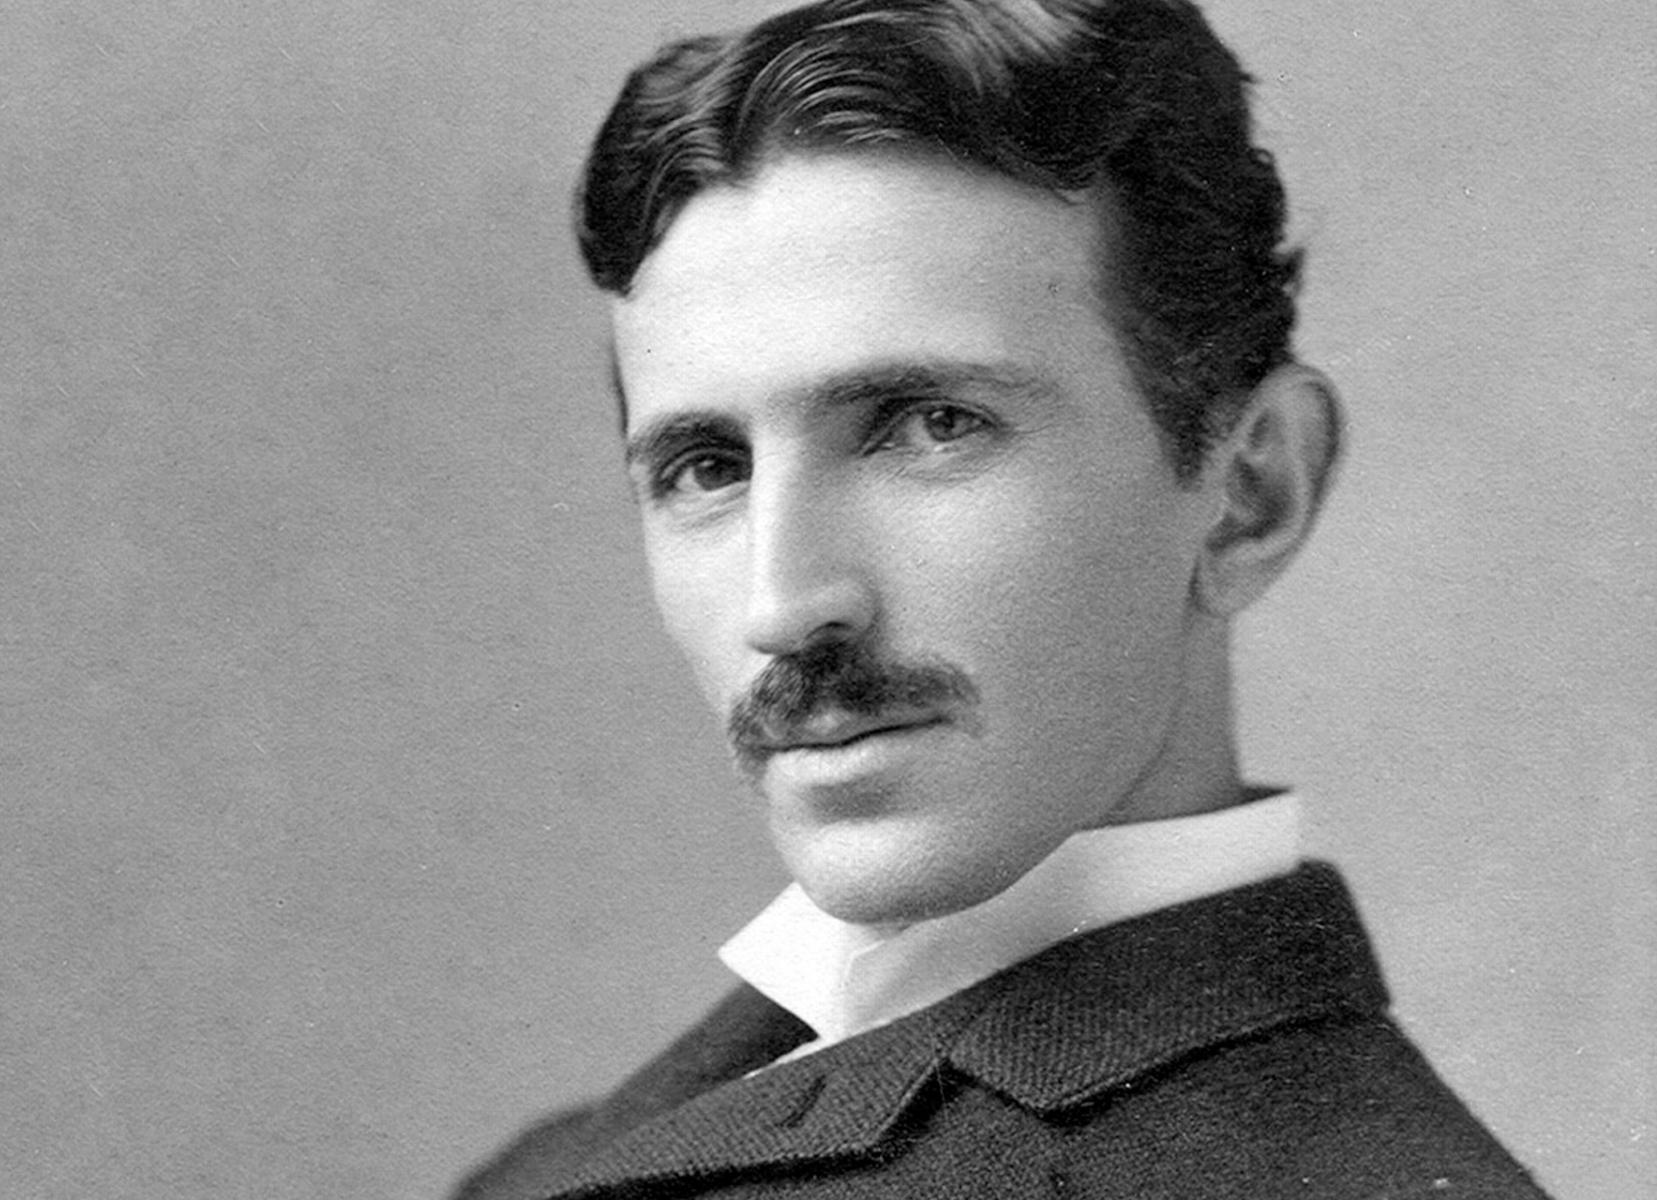 Volnou energii znal už Nikola Tesla. Může být elektřina zadarmo?